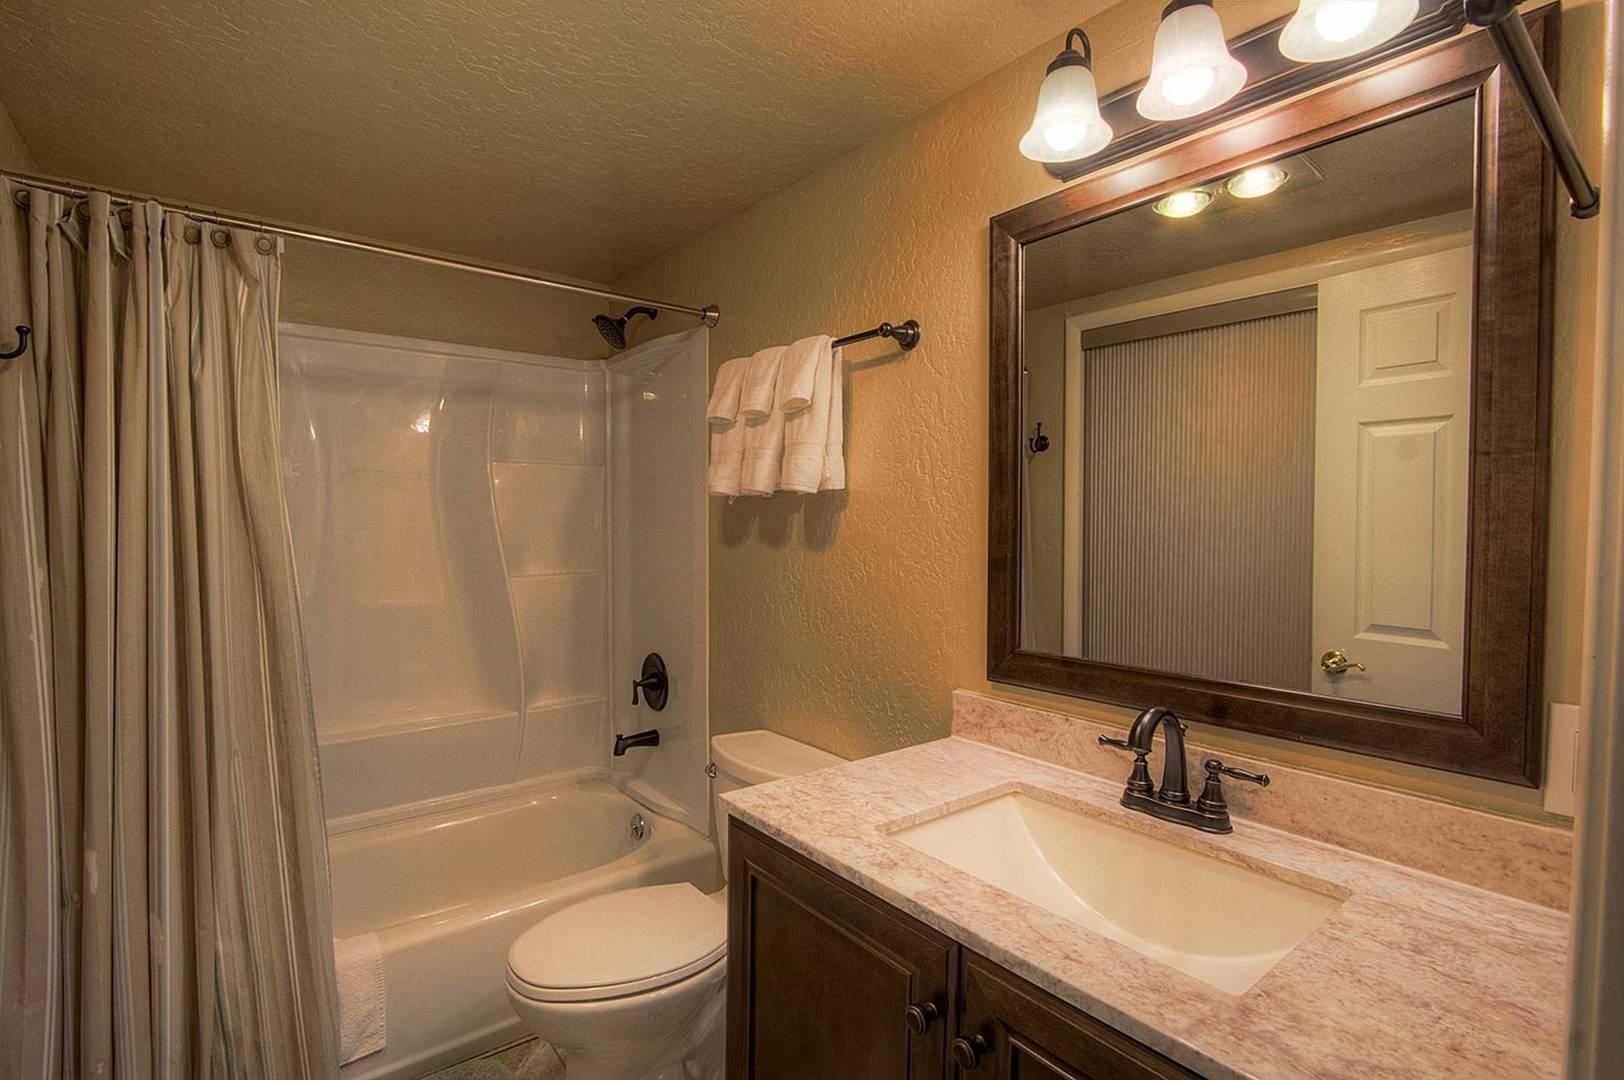 hch0900 bathroom